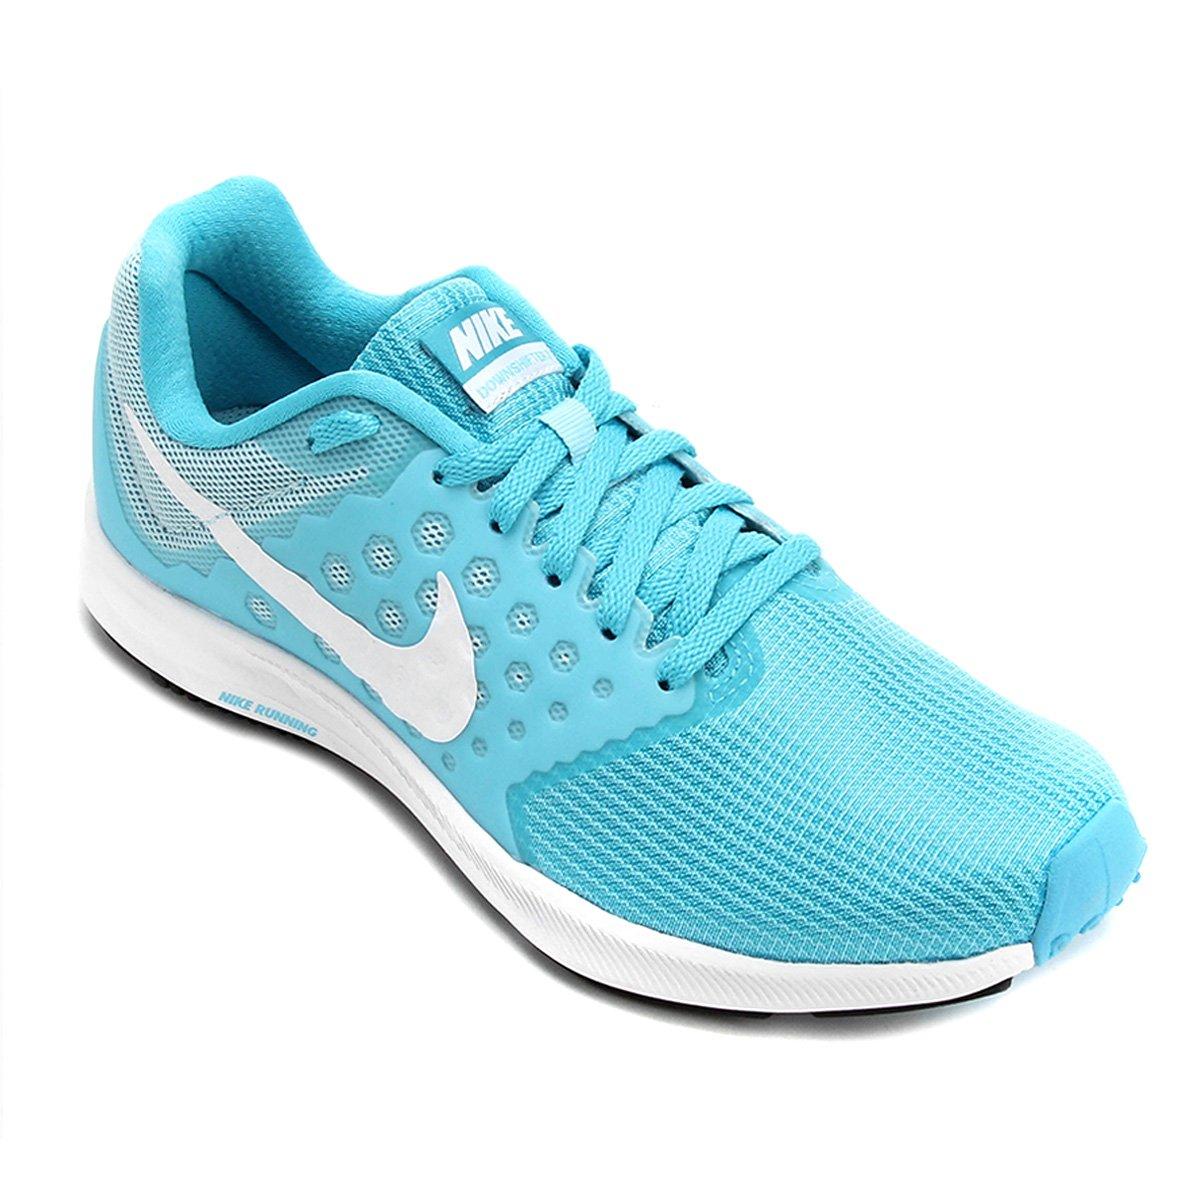 1e2a1e96b3773 Tênis Nike Downshifter 7 Feminino - Azul e Branco - Compre Agora ...